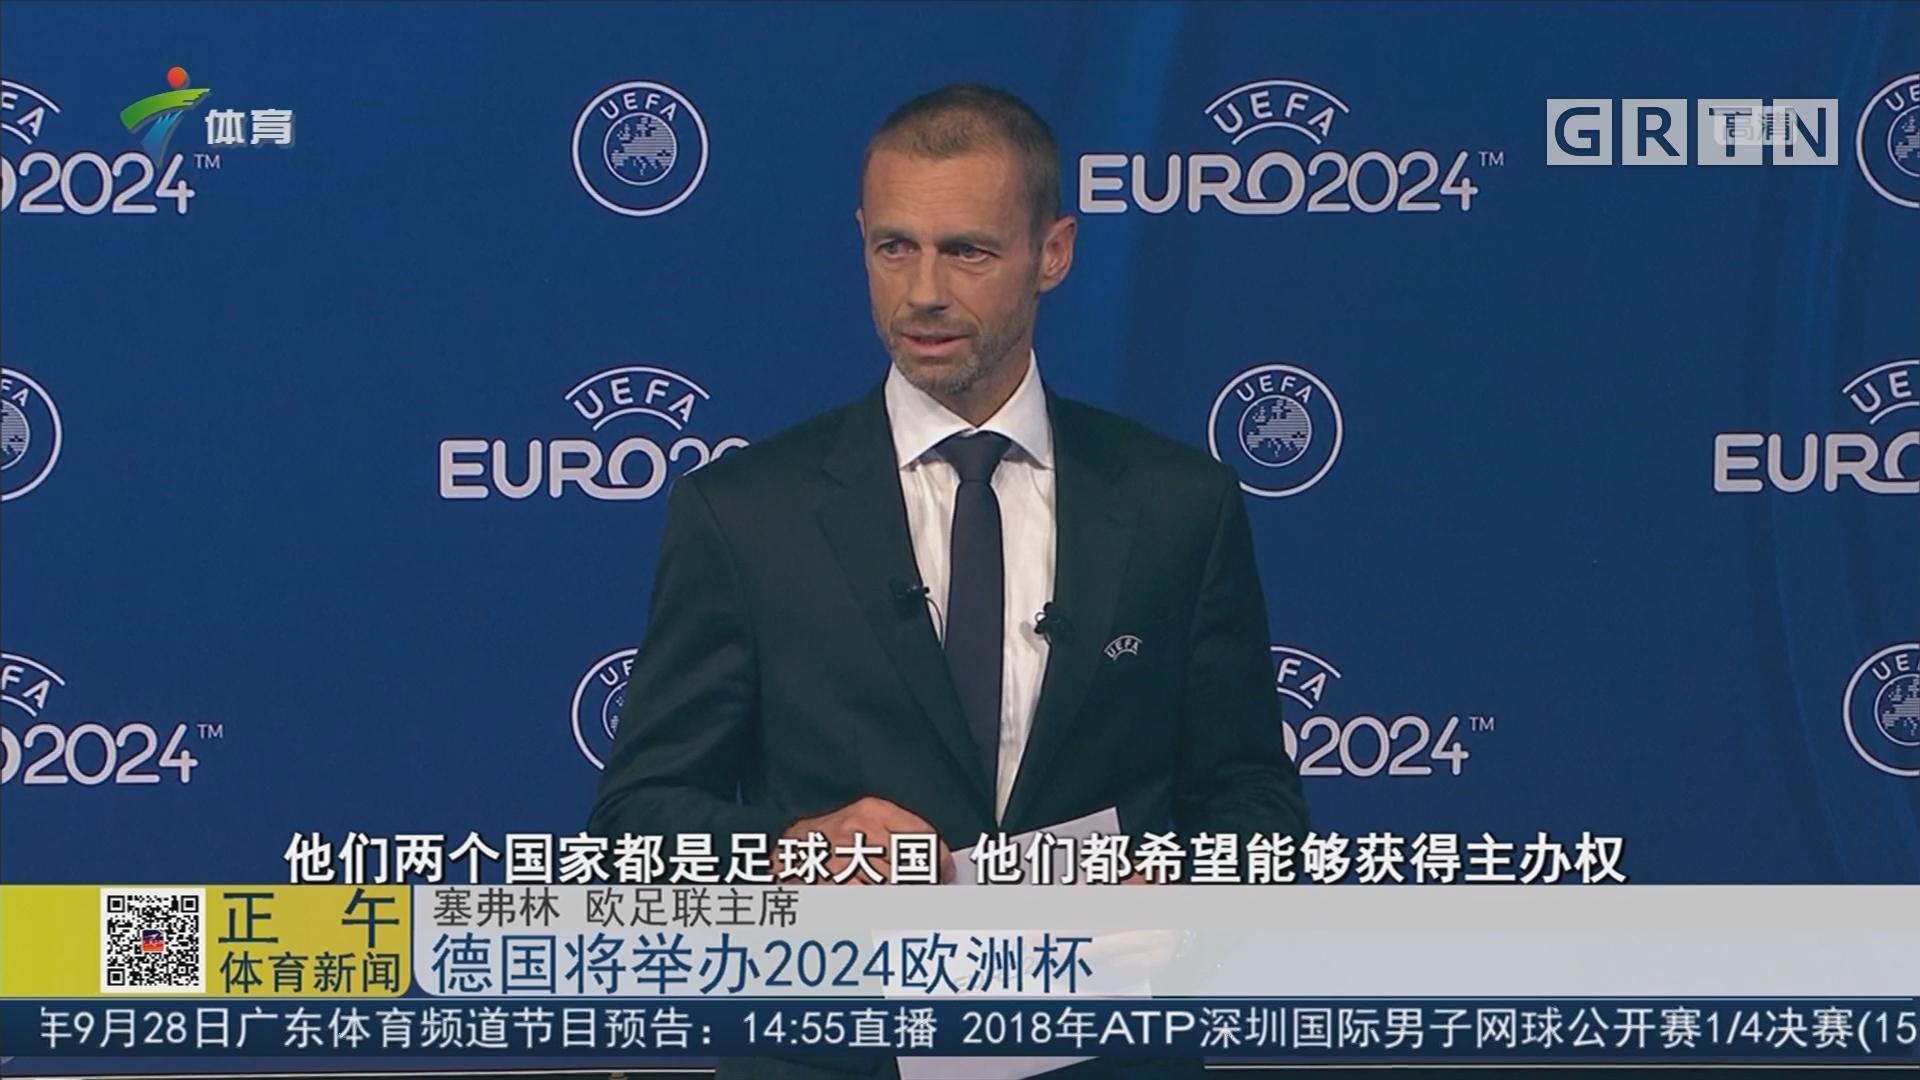 德国将举办2024欧洲杯